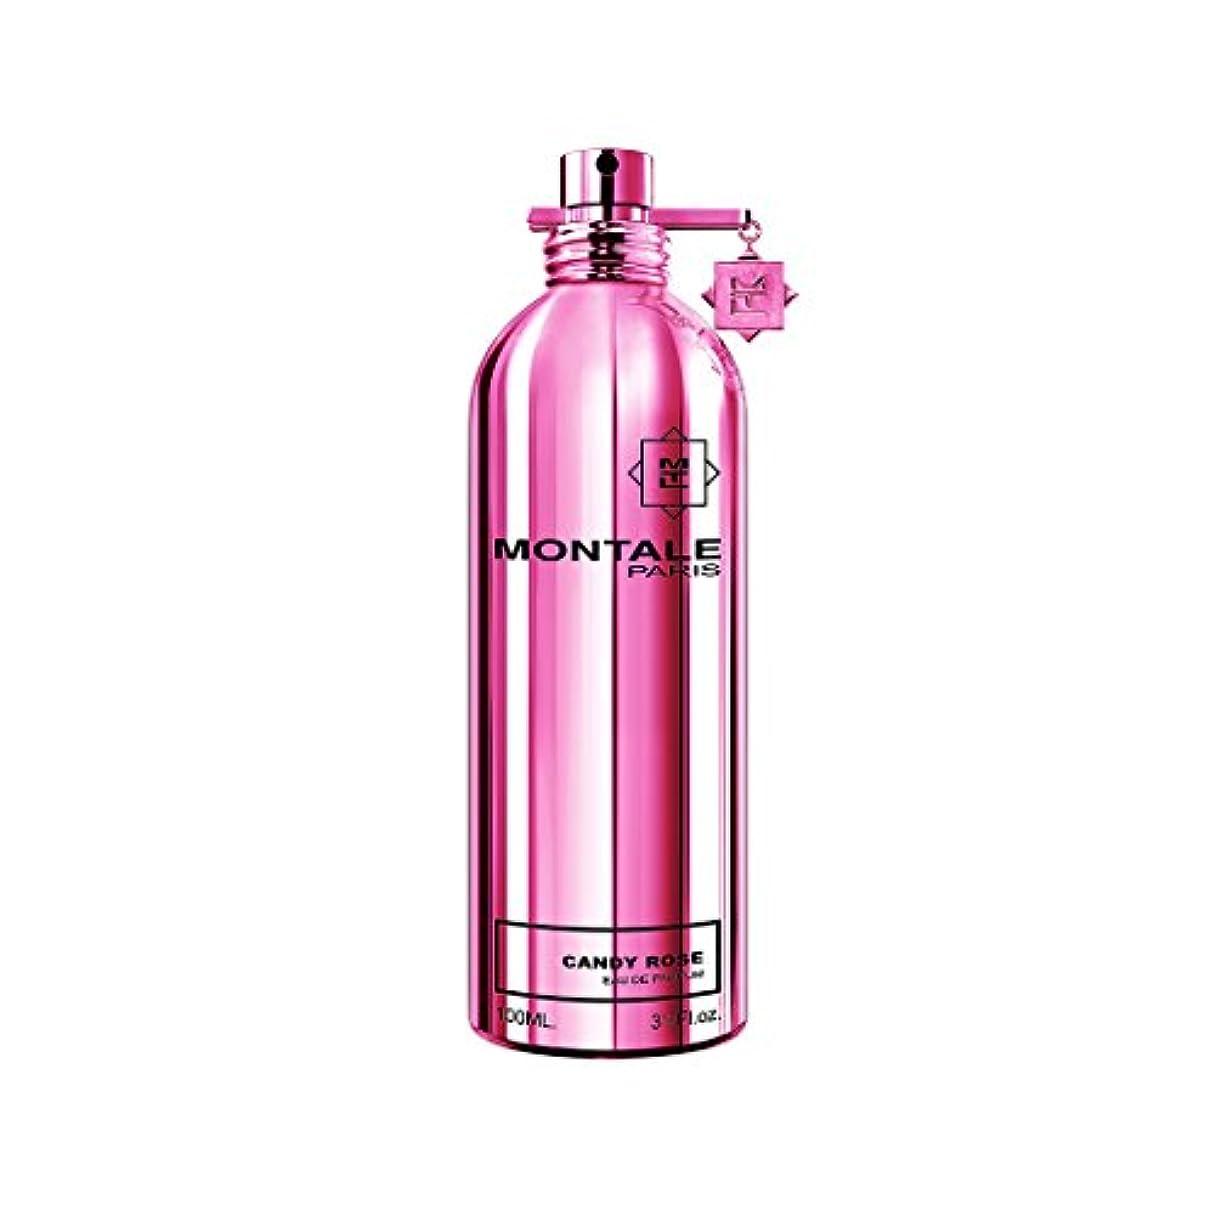 グラス運賃インテリアMontale Candy Rose by Montale Eau De Parfum Spray 3.4 oz / 100 ml (Women)